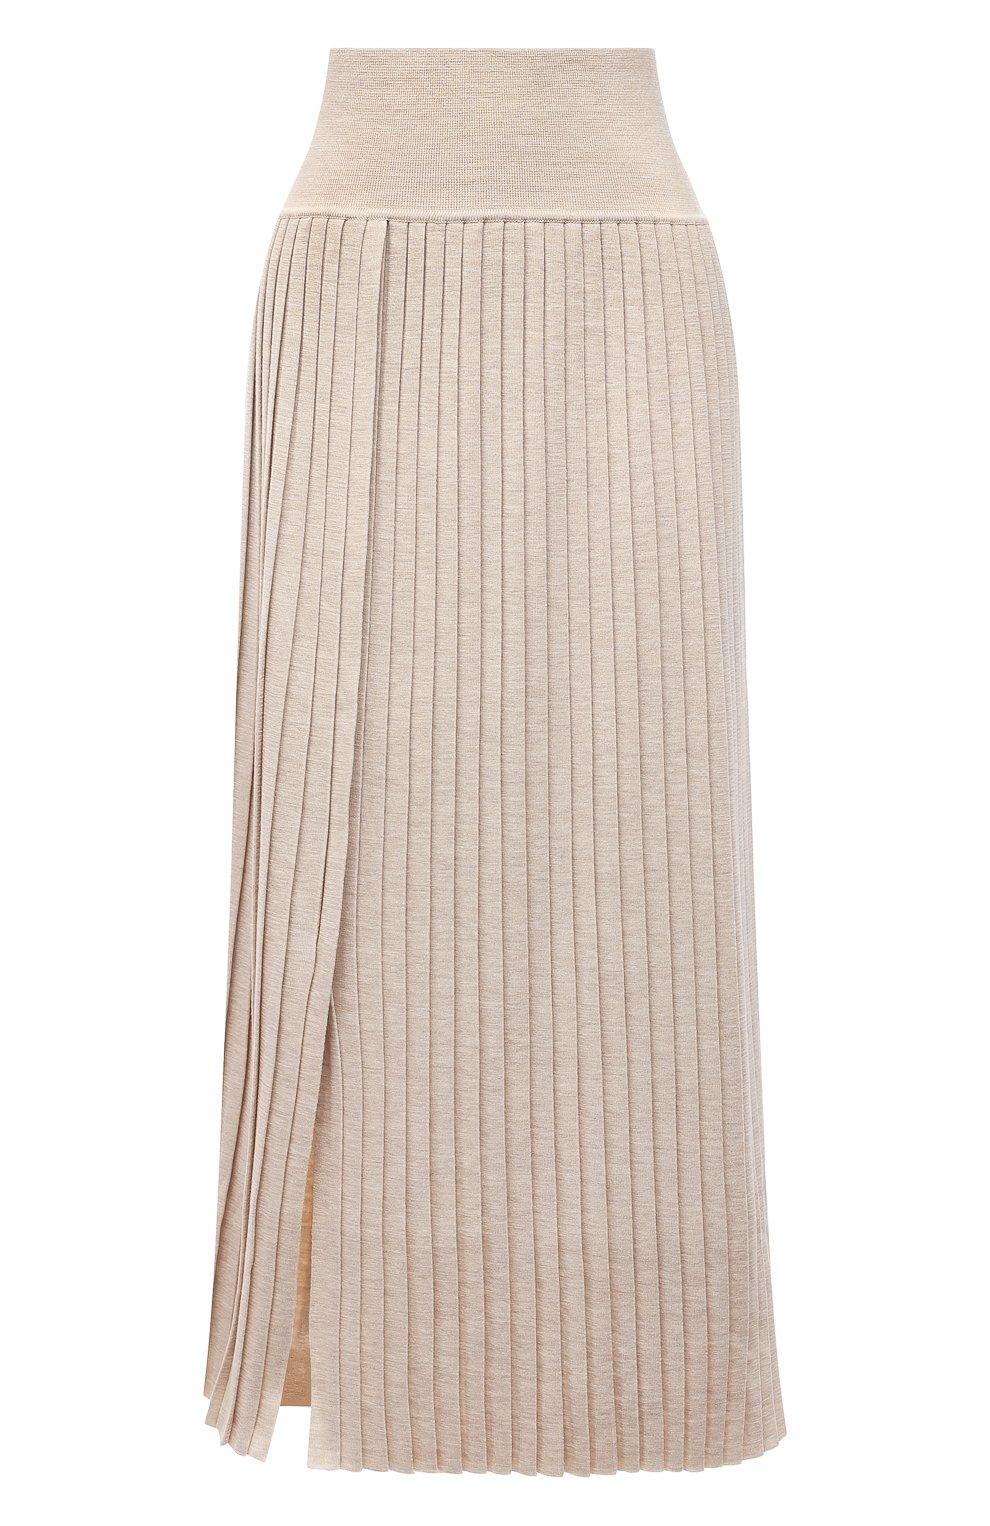 Женская юбка из шерсти и шелка THE ROW бежевого цвета, арт. 5678Y476 | Фото 1 (Материал внешний: Шерсть, Шелк; Женское Кросс-КТ: юбка-плиссе, Юбка-одежда; Кросс-КТ: Трикотаж; Длина Ж (юбки, платья, шорты): Макси; Стили: Кэжуэл)